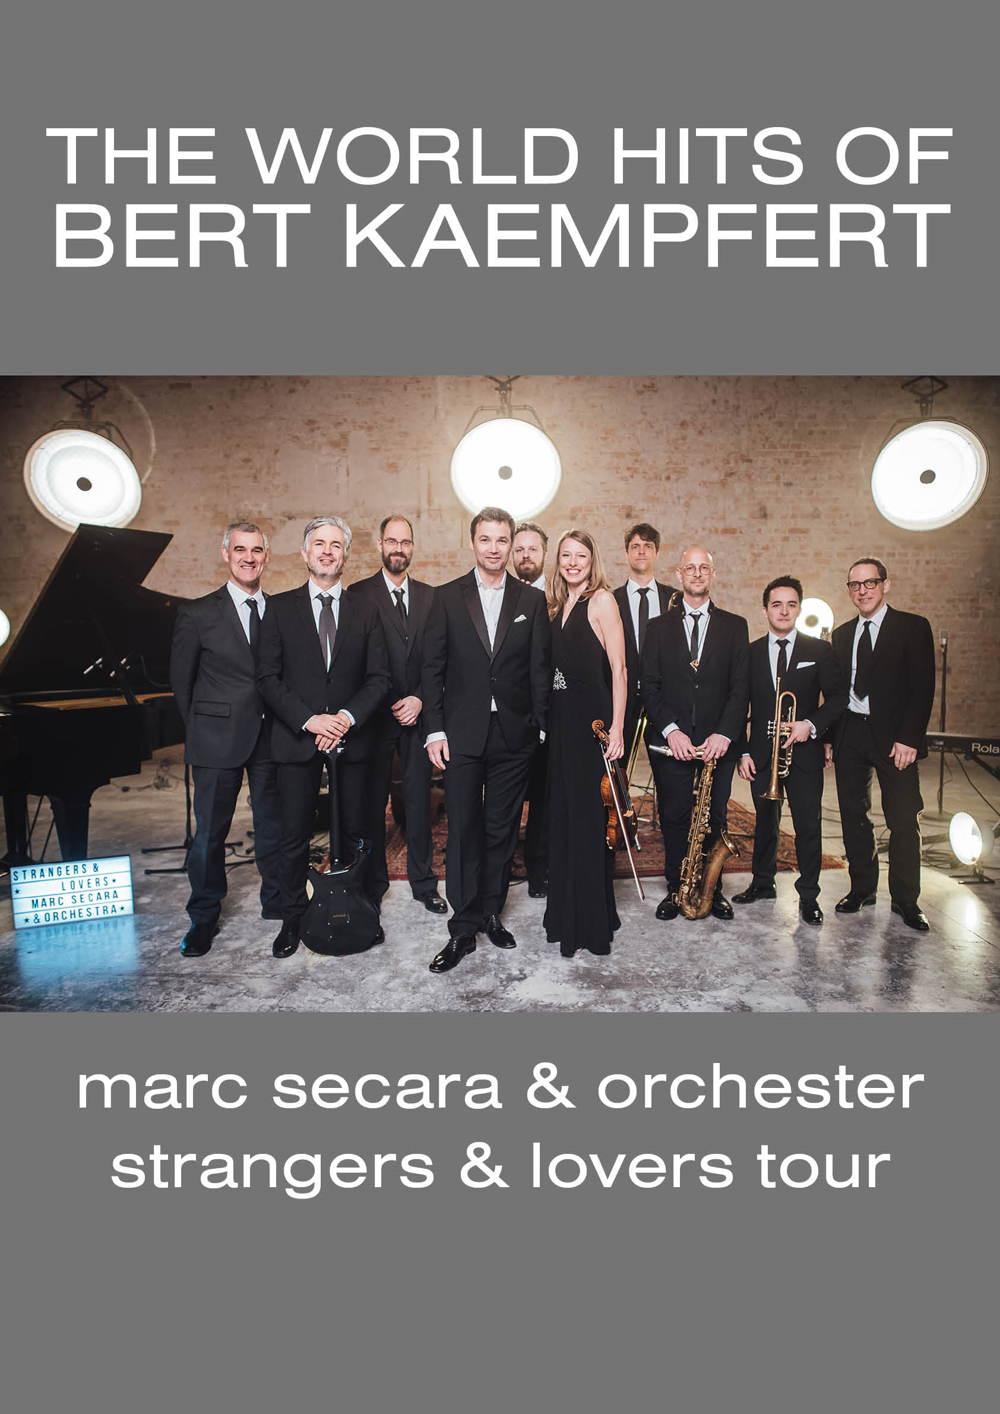 The World Hits of Bert Kaempfert – Marc Secara & Orchester